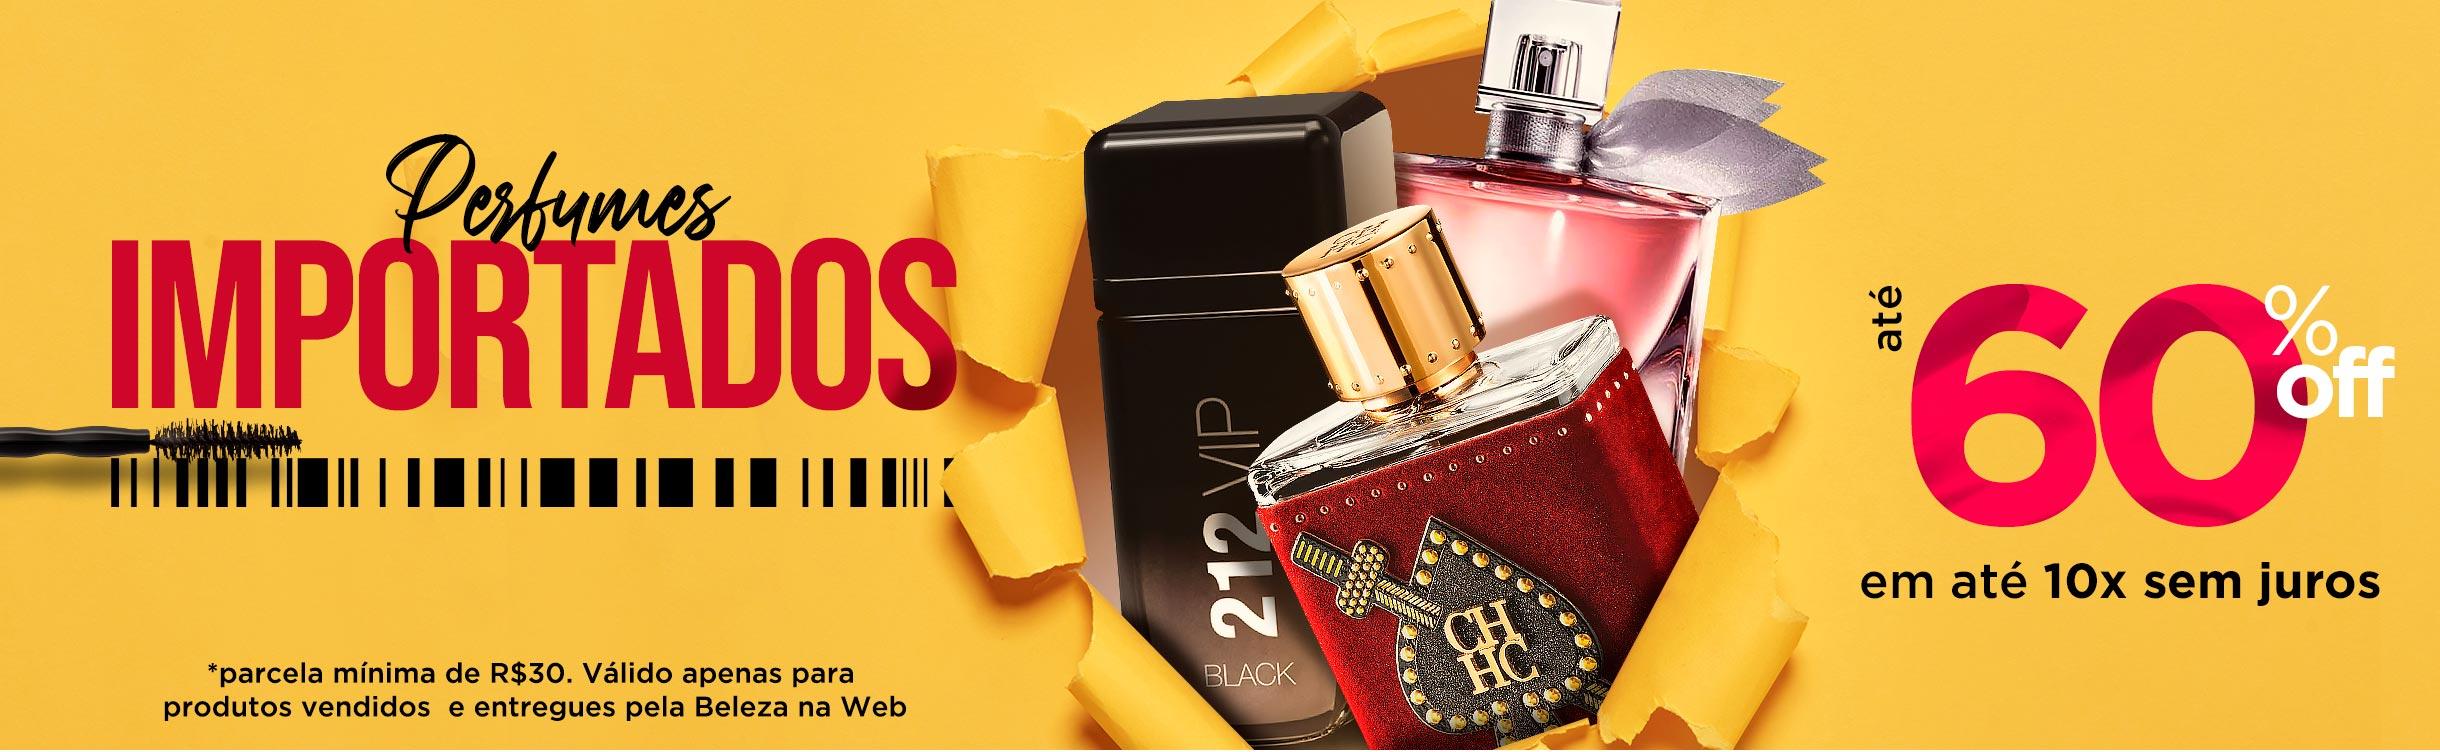 Dia do Consumidor | Perfumes e Perfumaria Importados